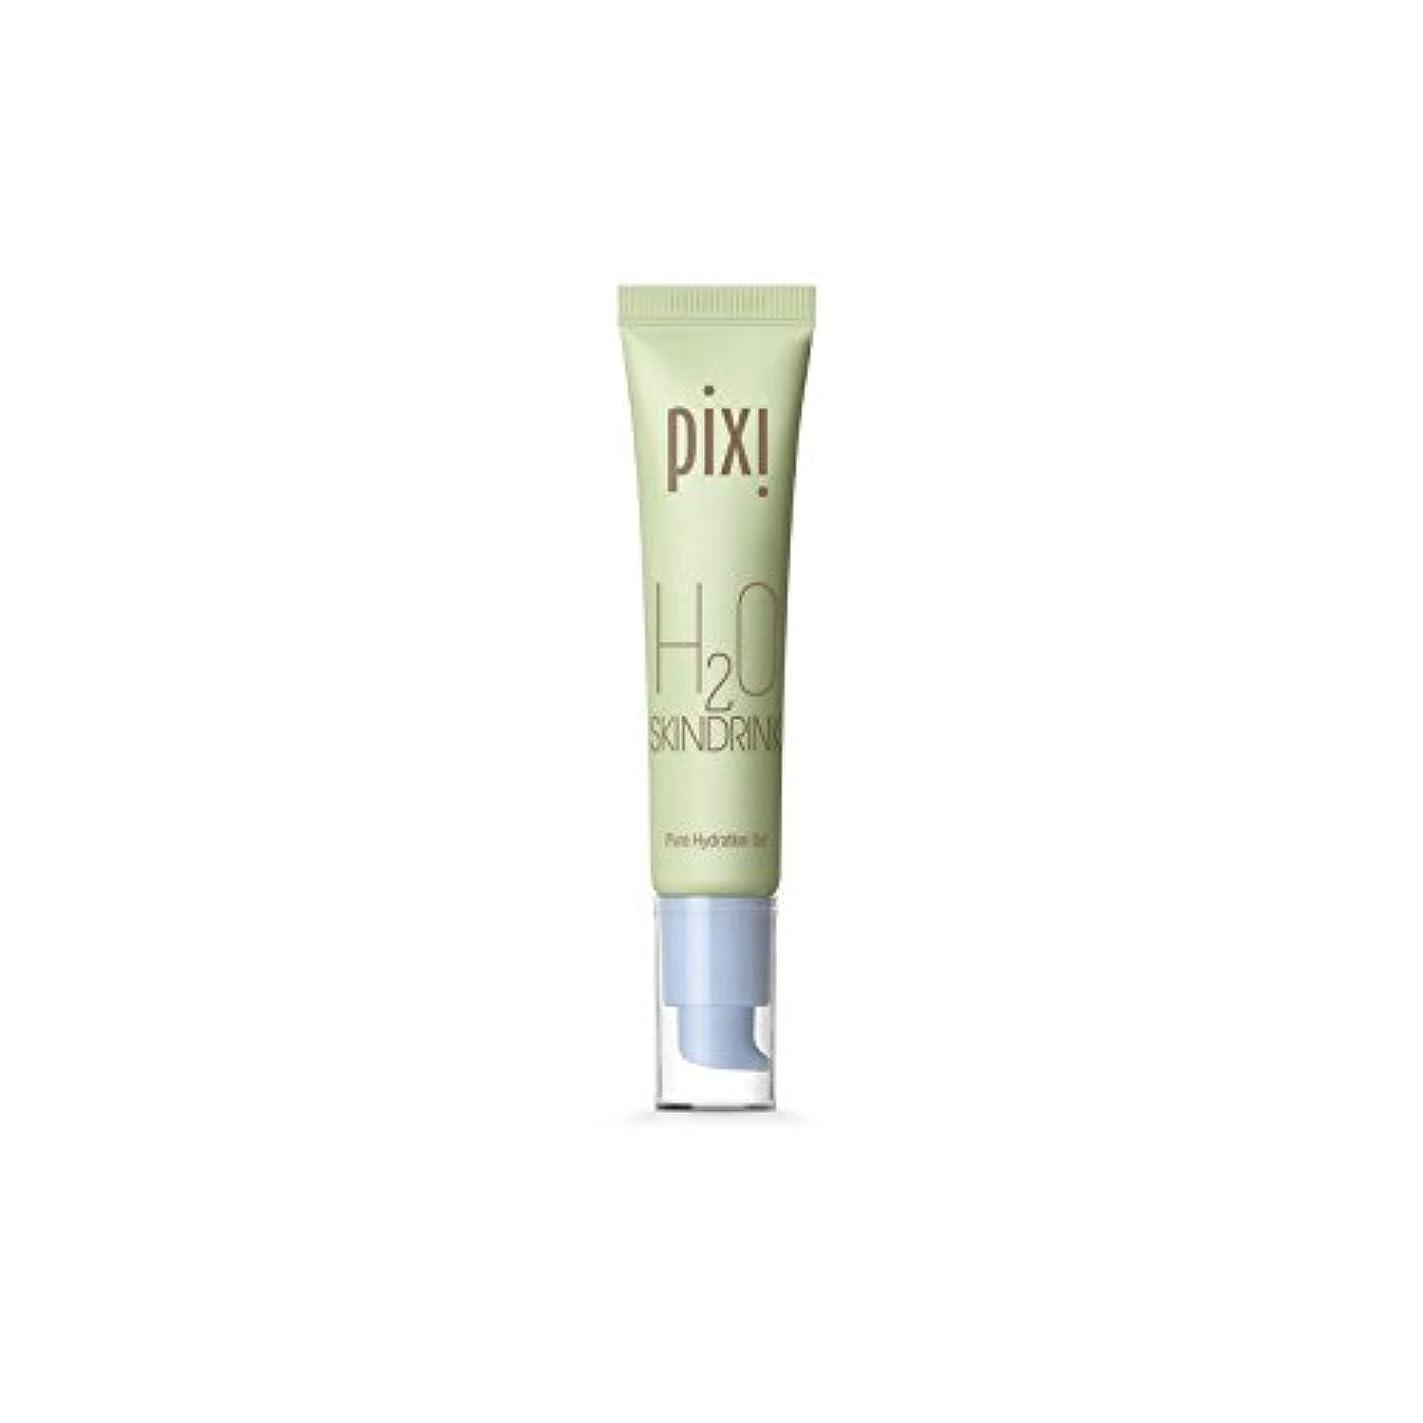 工業化する解放リールPixi H20 Skin Drink (Pack of 6) - 20スキンドリンク x6 [並行輸入品]